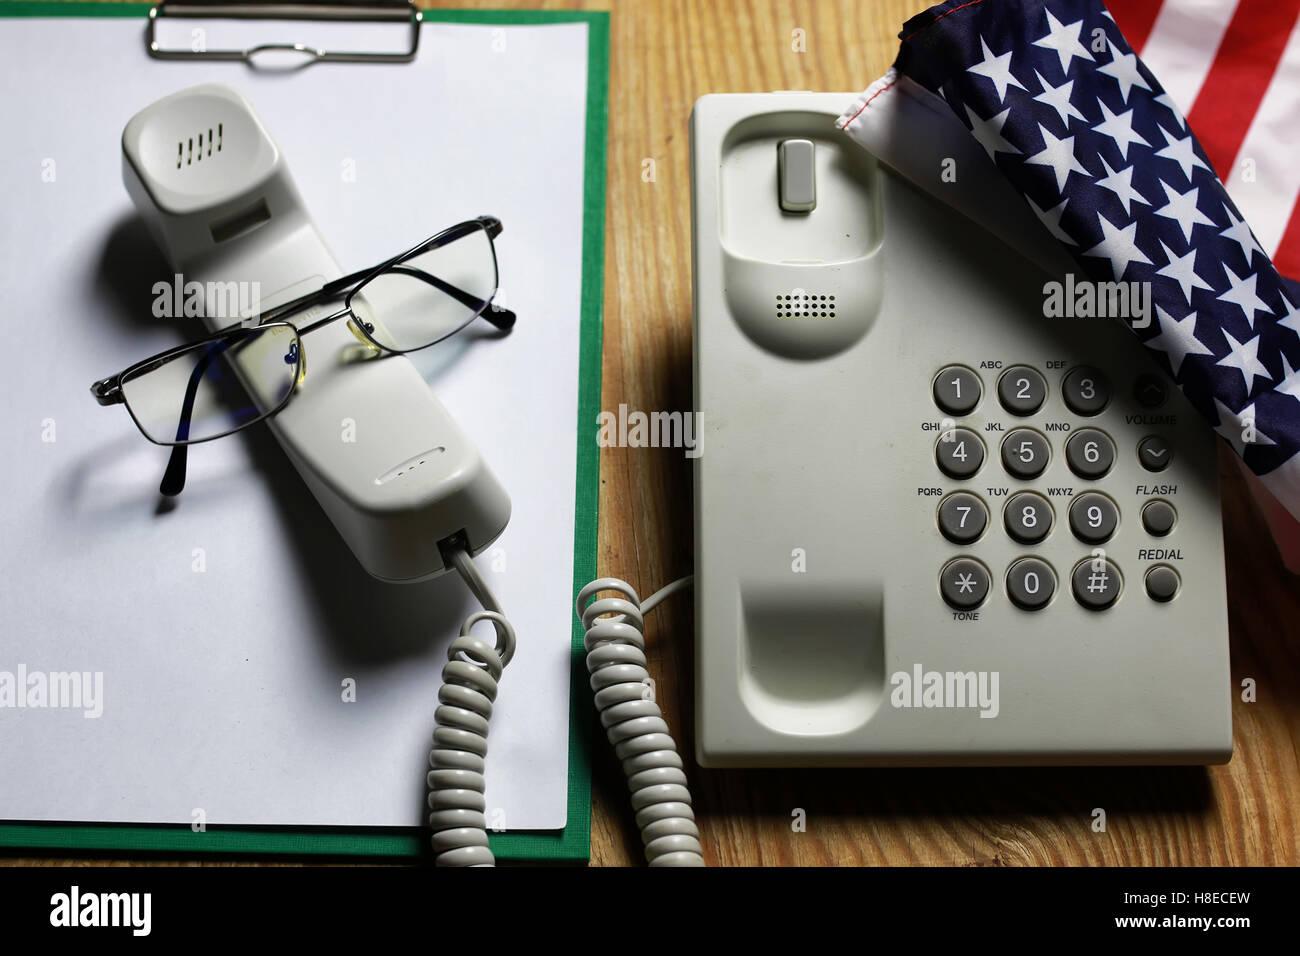 Emergency Telephone Usa Stock Photos Amp Emergency Telephone